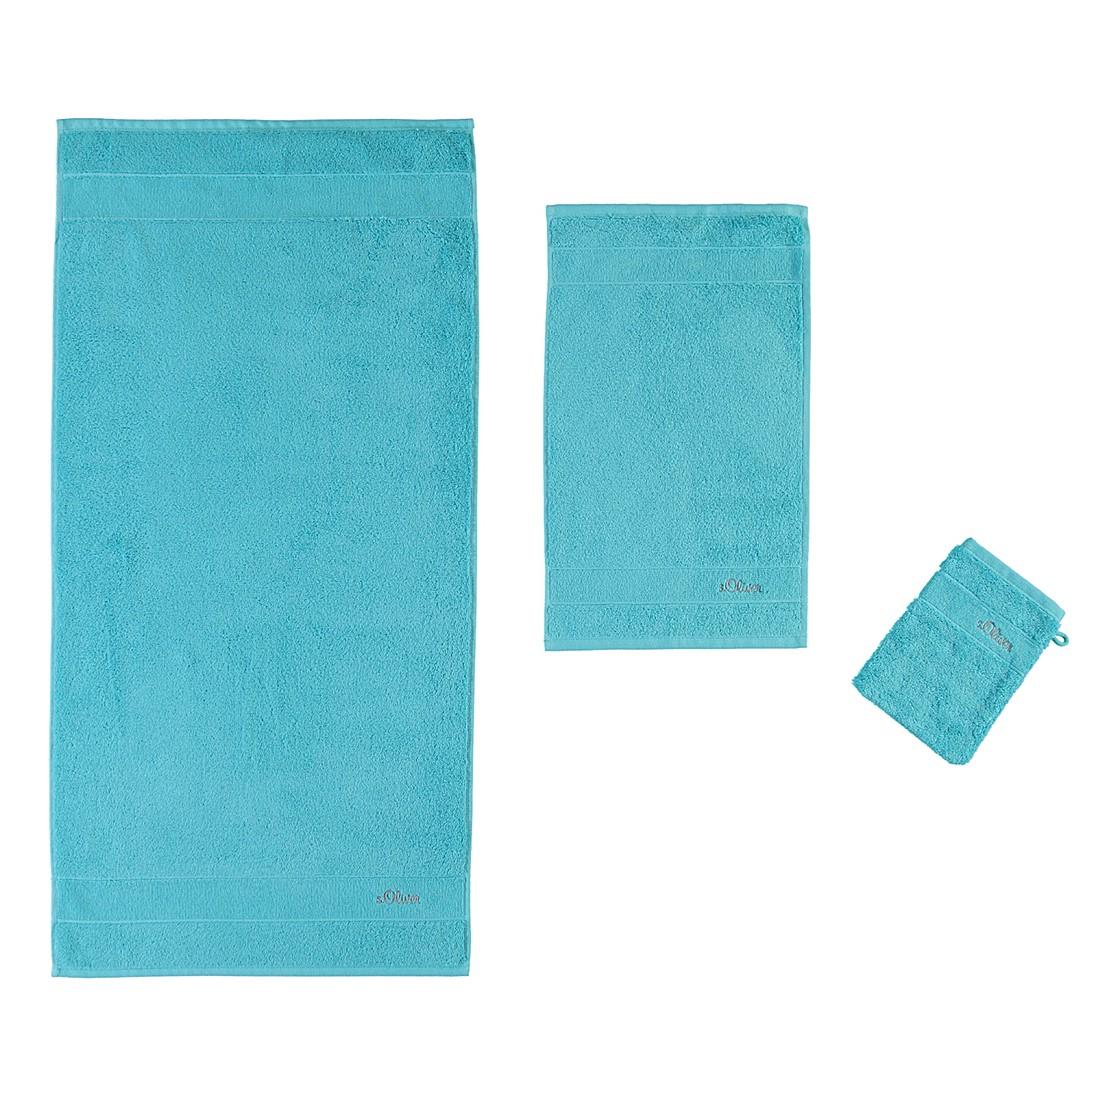 Handtücher Uni 3700 – Baumwolle – Türkis – Duschtuch 70×140 cm, s.Oliver jetzt bestellen